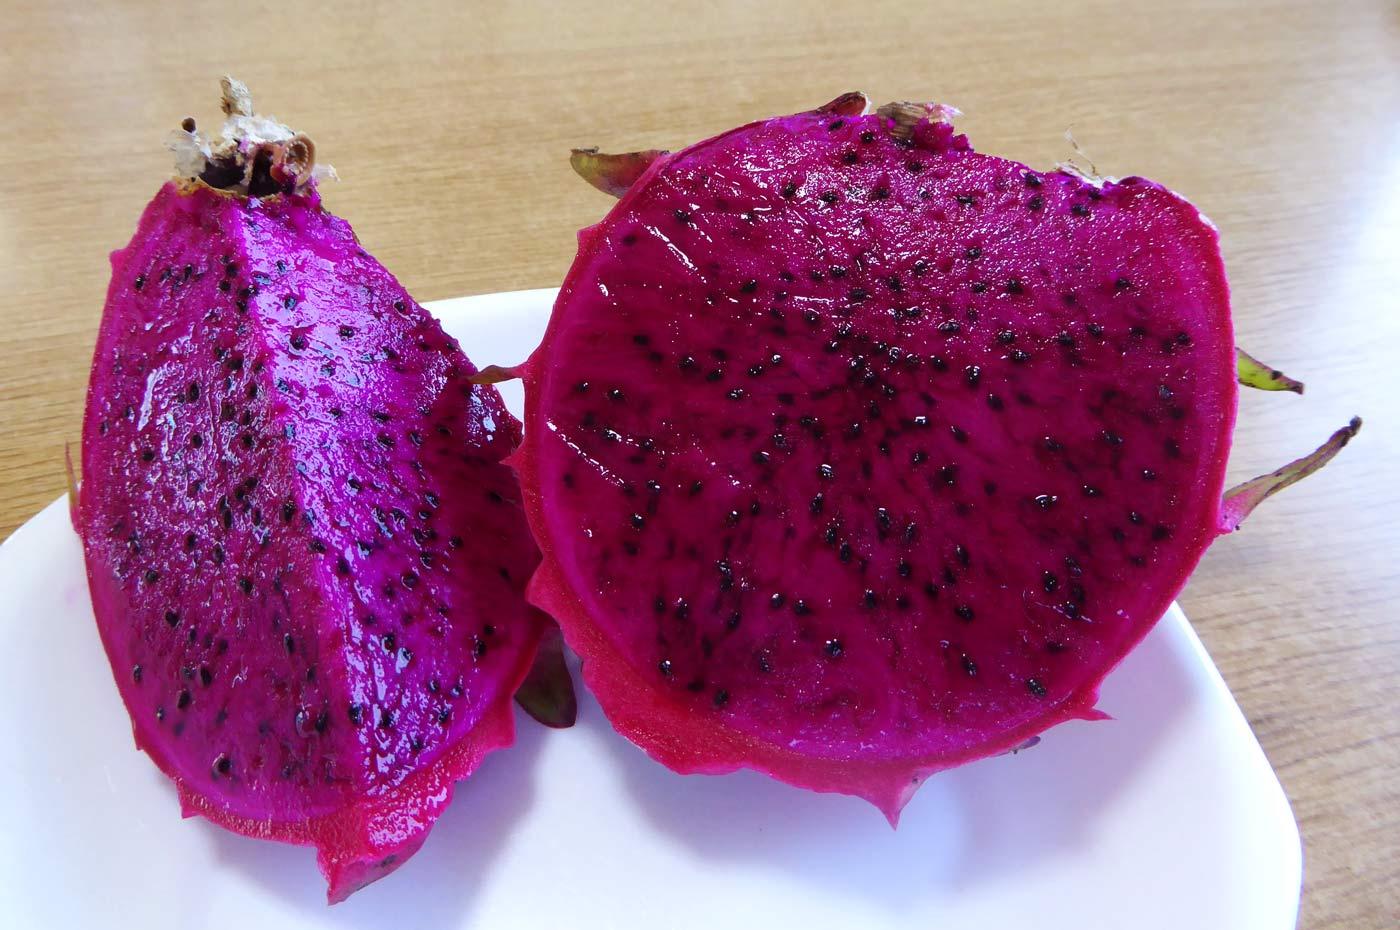 ドラゴンフルーツの果実の写真